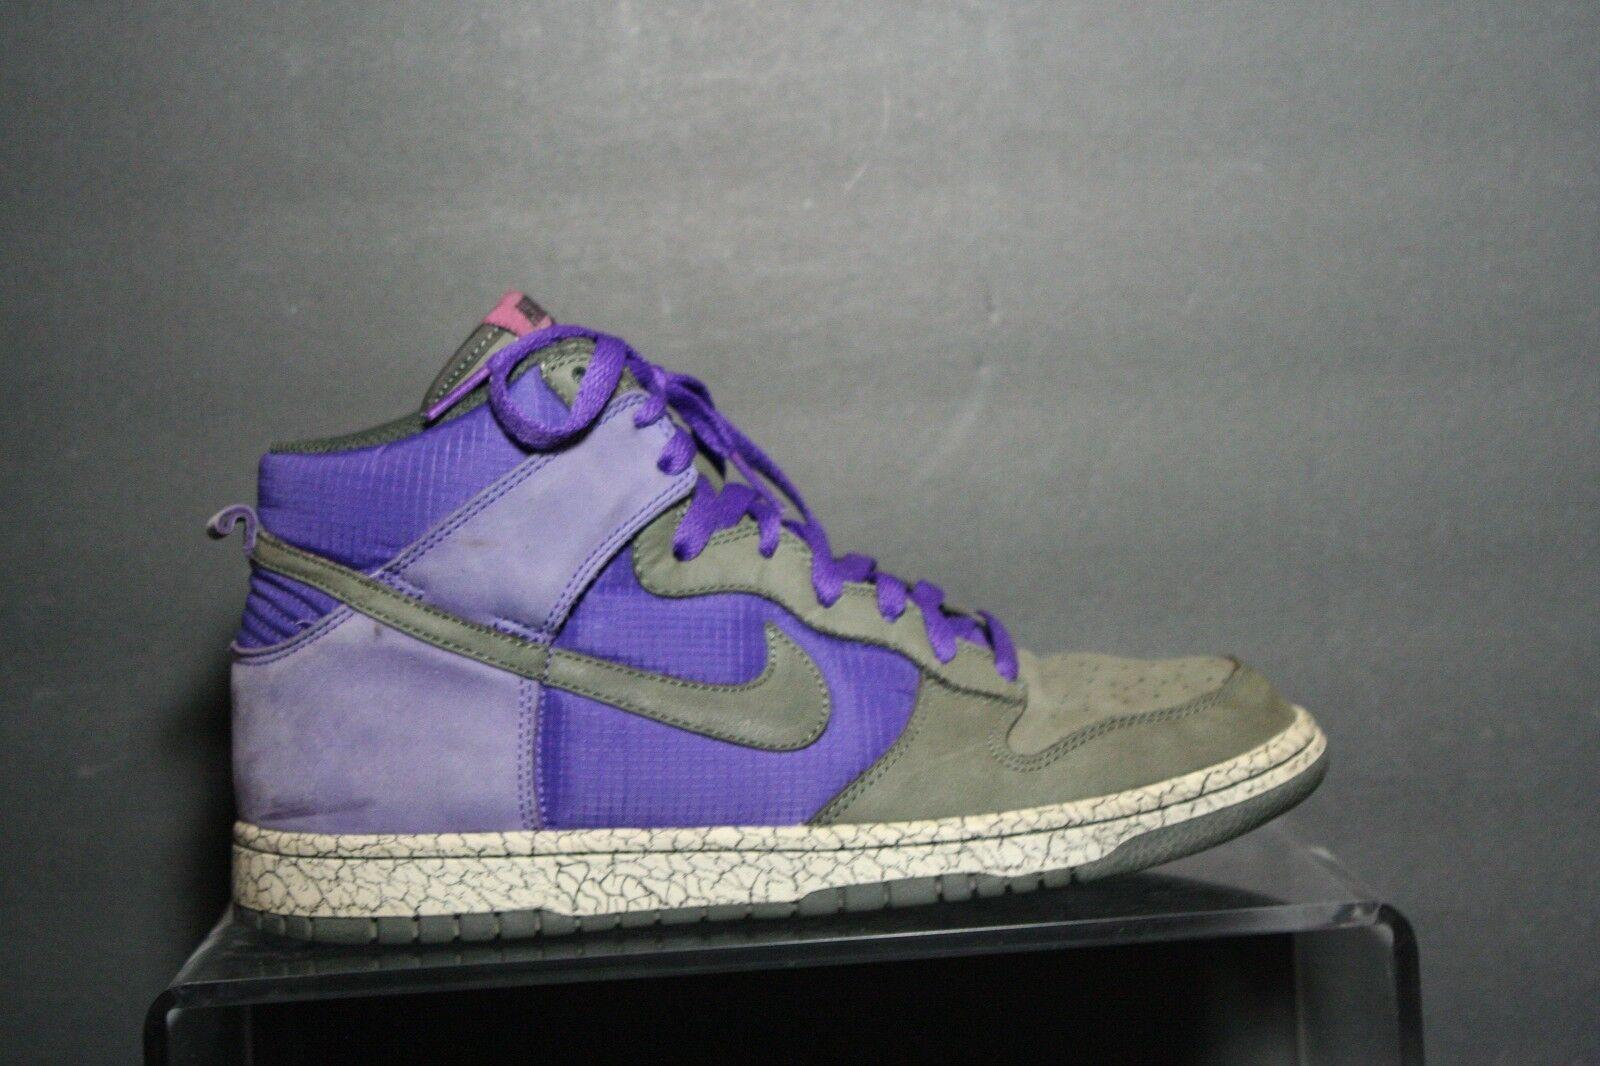 Nike shox gravità sequoia verde ar1999-300 scarpe taglia 10 uomini pennino